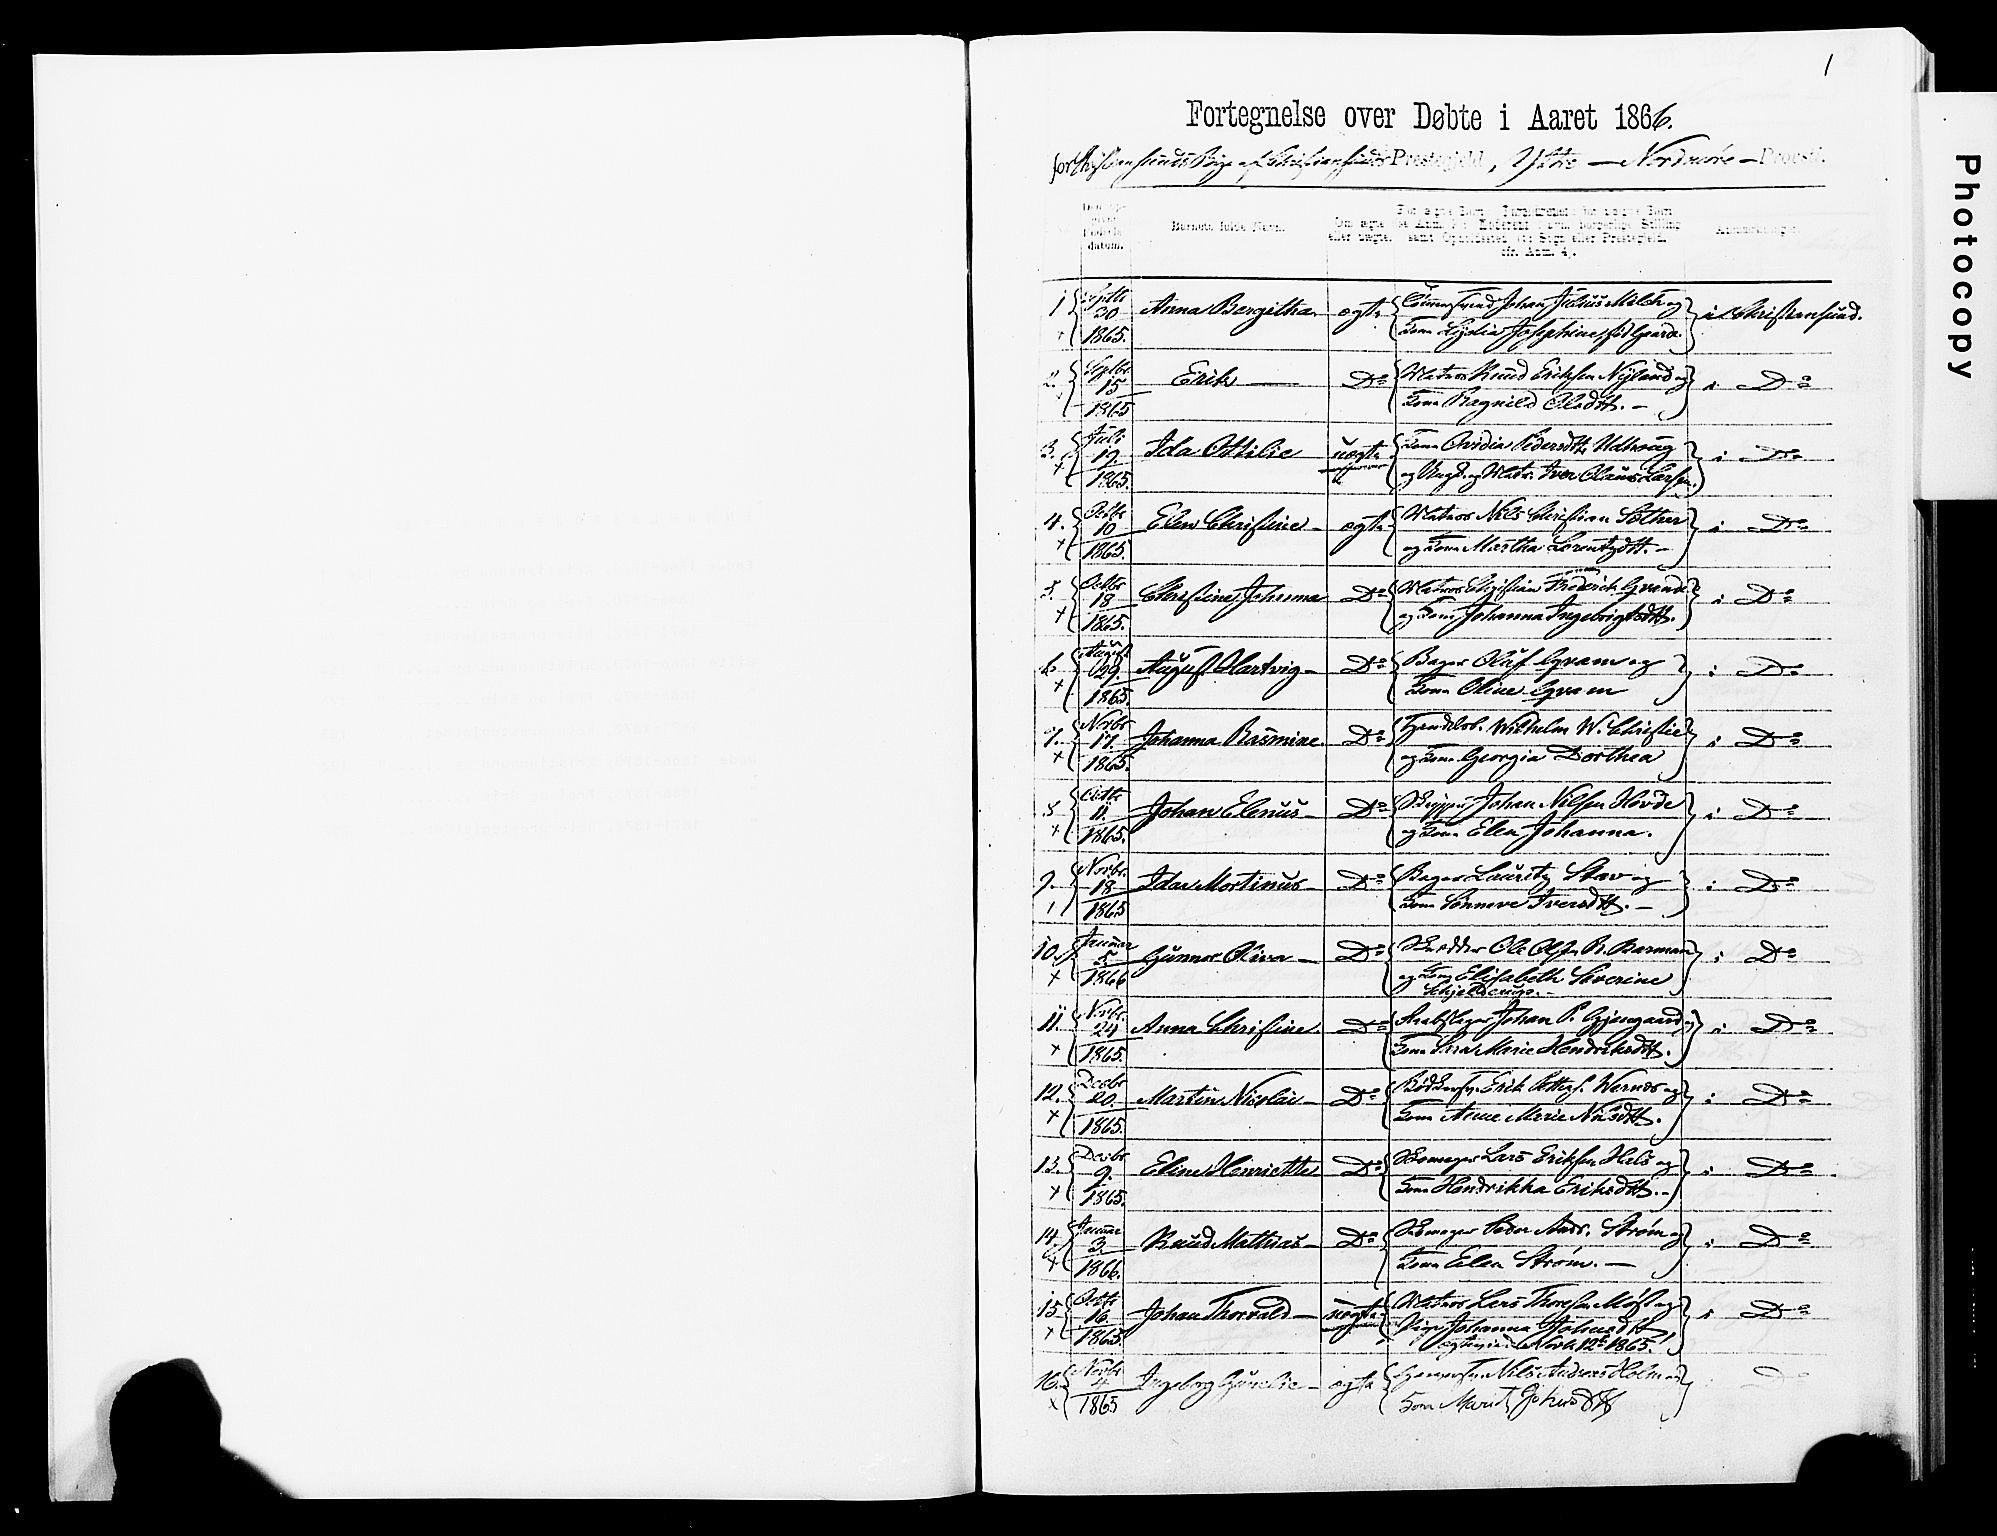 SAT, Ministerialprotokoller, klokkerbøker og fødselsregistre - Møre og Romsdal, 572/L0857: Ministerialbok nr. 572D01, 1866-1872, s. 1